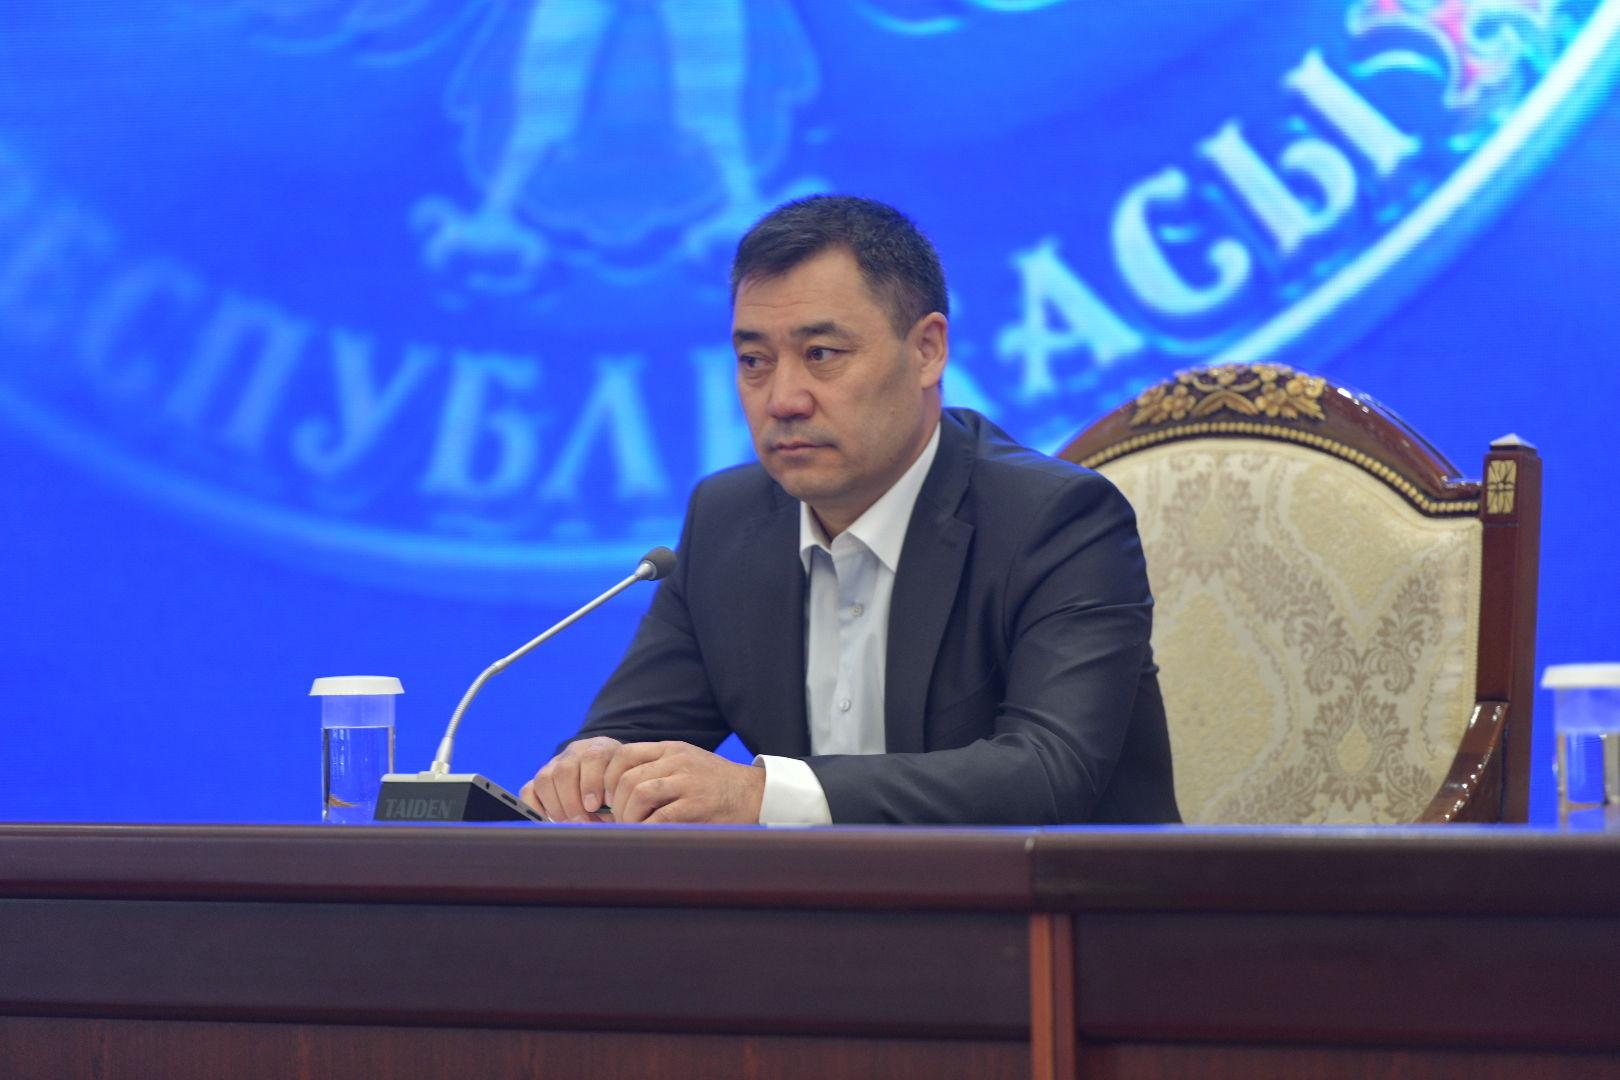 Премьер-министр Кыргызстана Садыр Жапаров на внеочередном заседании Жогорку Кенеша в госрезиденции Ала-Арча